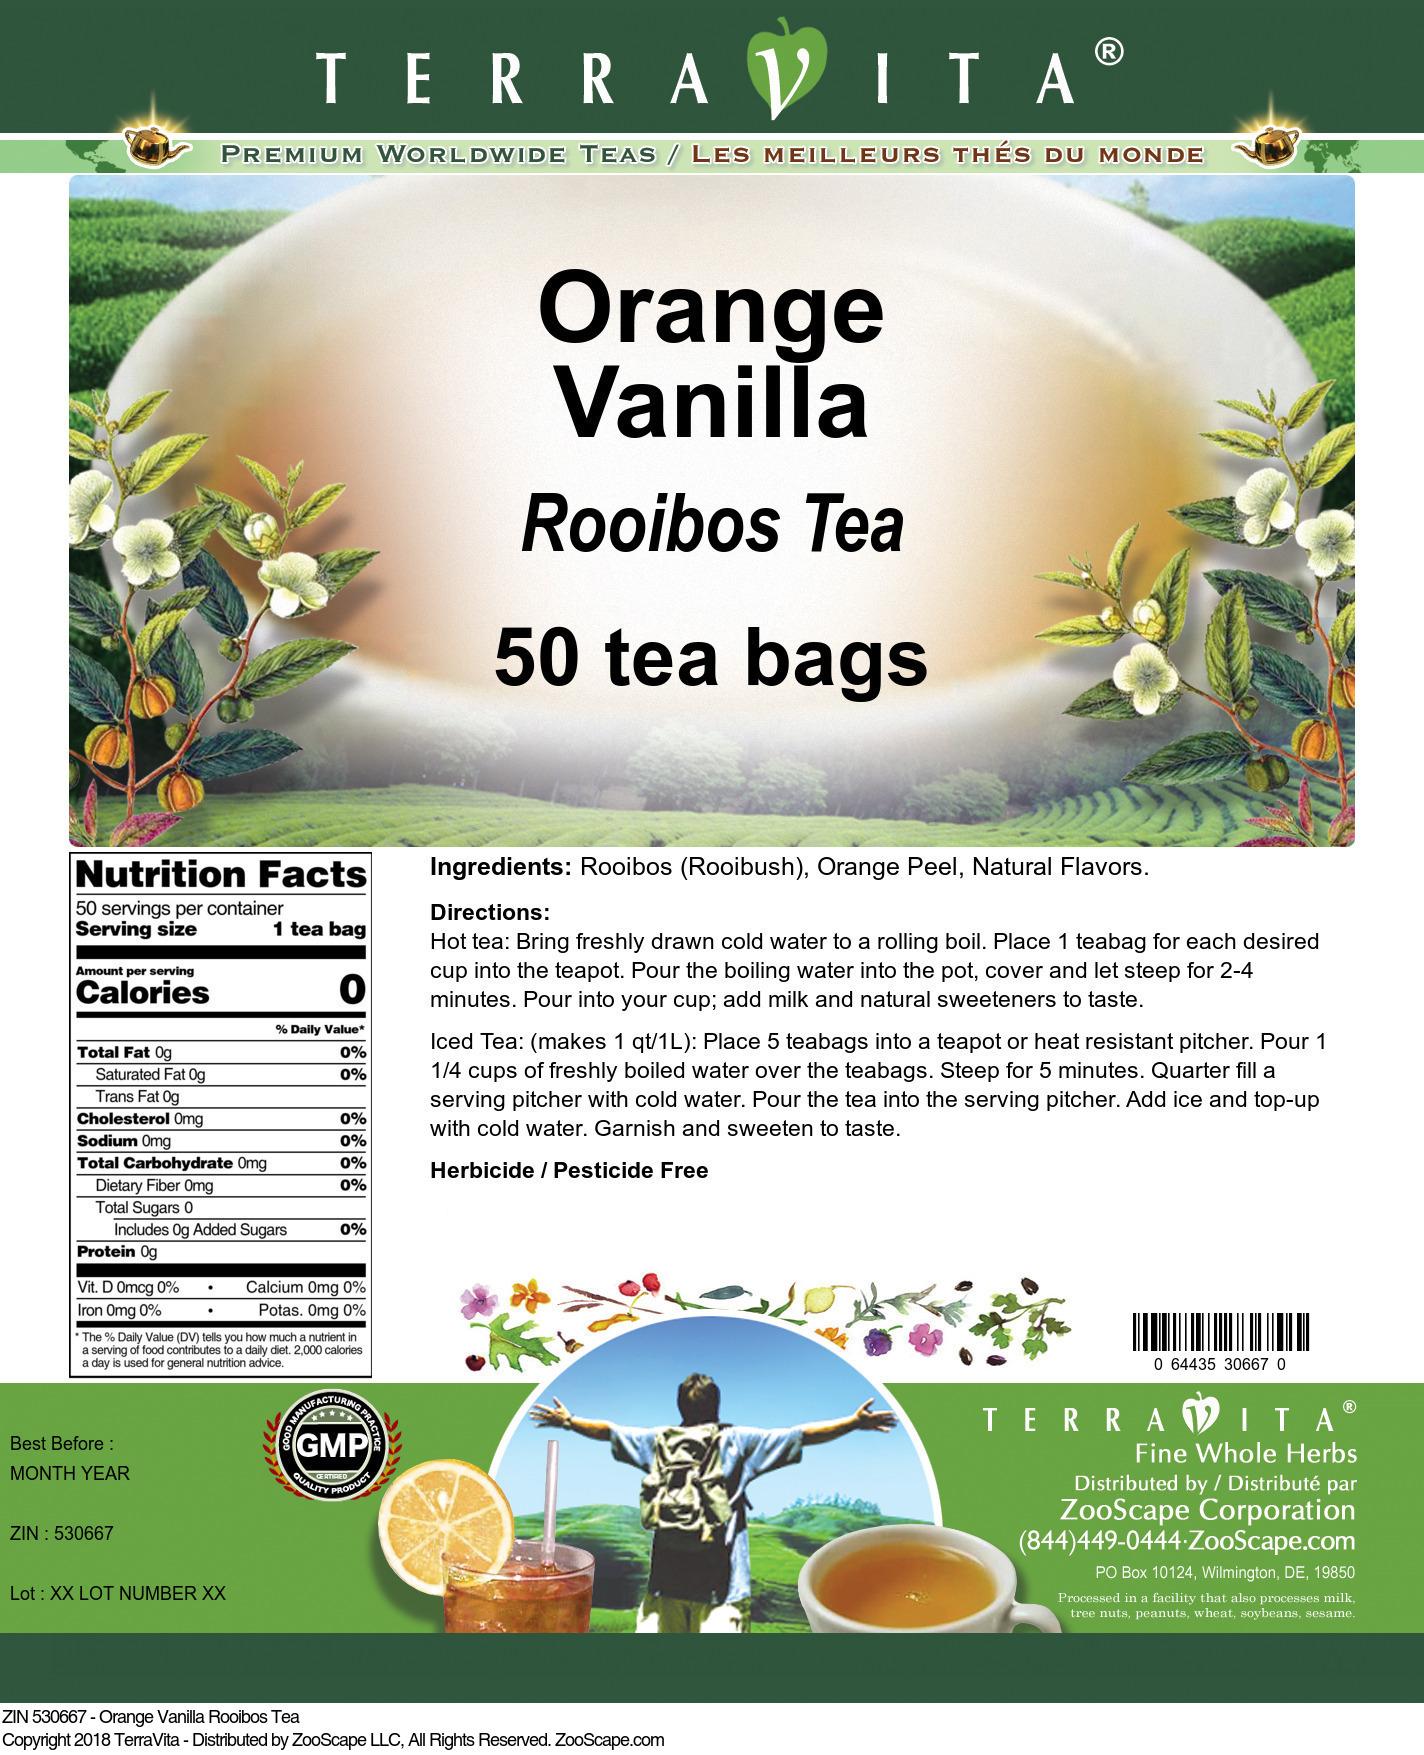 Orange Vanilla Rooibos Tea